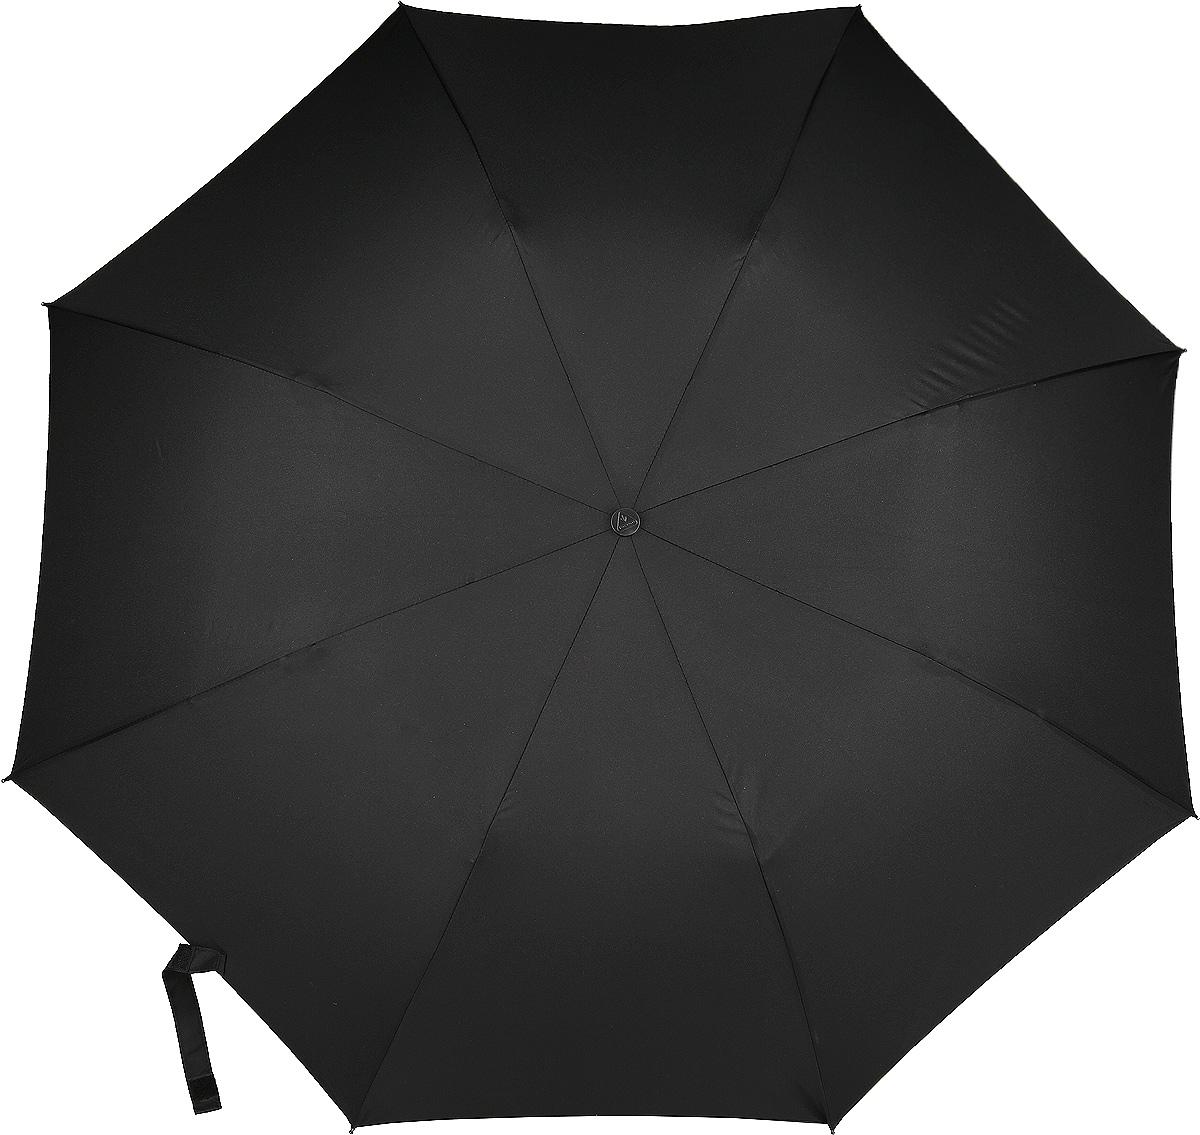 Зонт мужской Fulton Windbreaker, полуавтомат, цвет: черный. U801-01U801-01 BlackПолуавтоматический зонт Fulton Windbreaker - отличный аксессуар для стильного мужчины. Каркас зонта включает 8 спиц из стали. Стержень также изготовлен из стали. Однотонный купол выполнен из прочного полиэстера. Изделие дополнено удобной пластиковой рукояткой с каучуковым покрытием. Зонт оснащен полуавтоматическим механизмом: купол открывается нажатием на кнопку на ручке и закрывается вручную до характерного щелчка. Модель застегивается с помощью хлястика на липучку. В комплект входит чехол. Такой зонт надежно защитит вас от дождя.